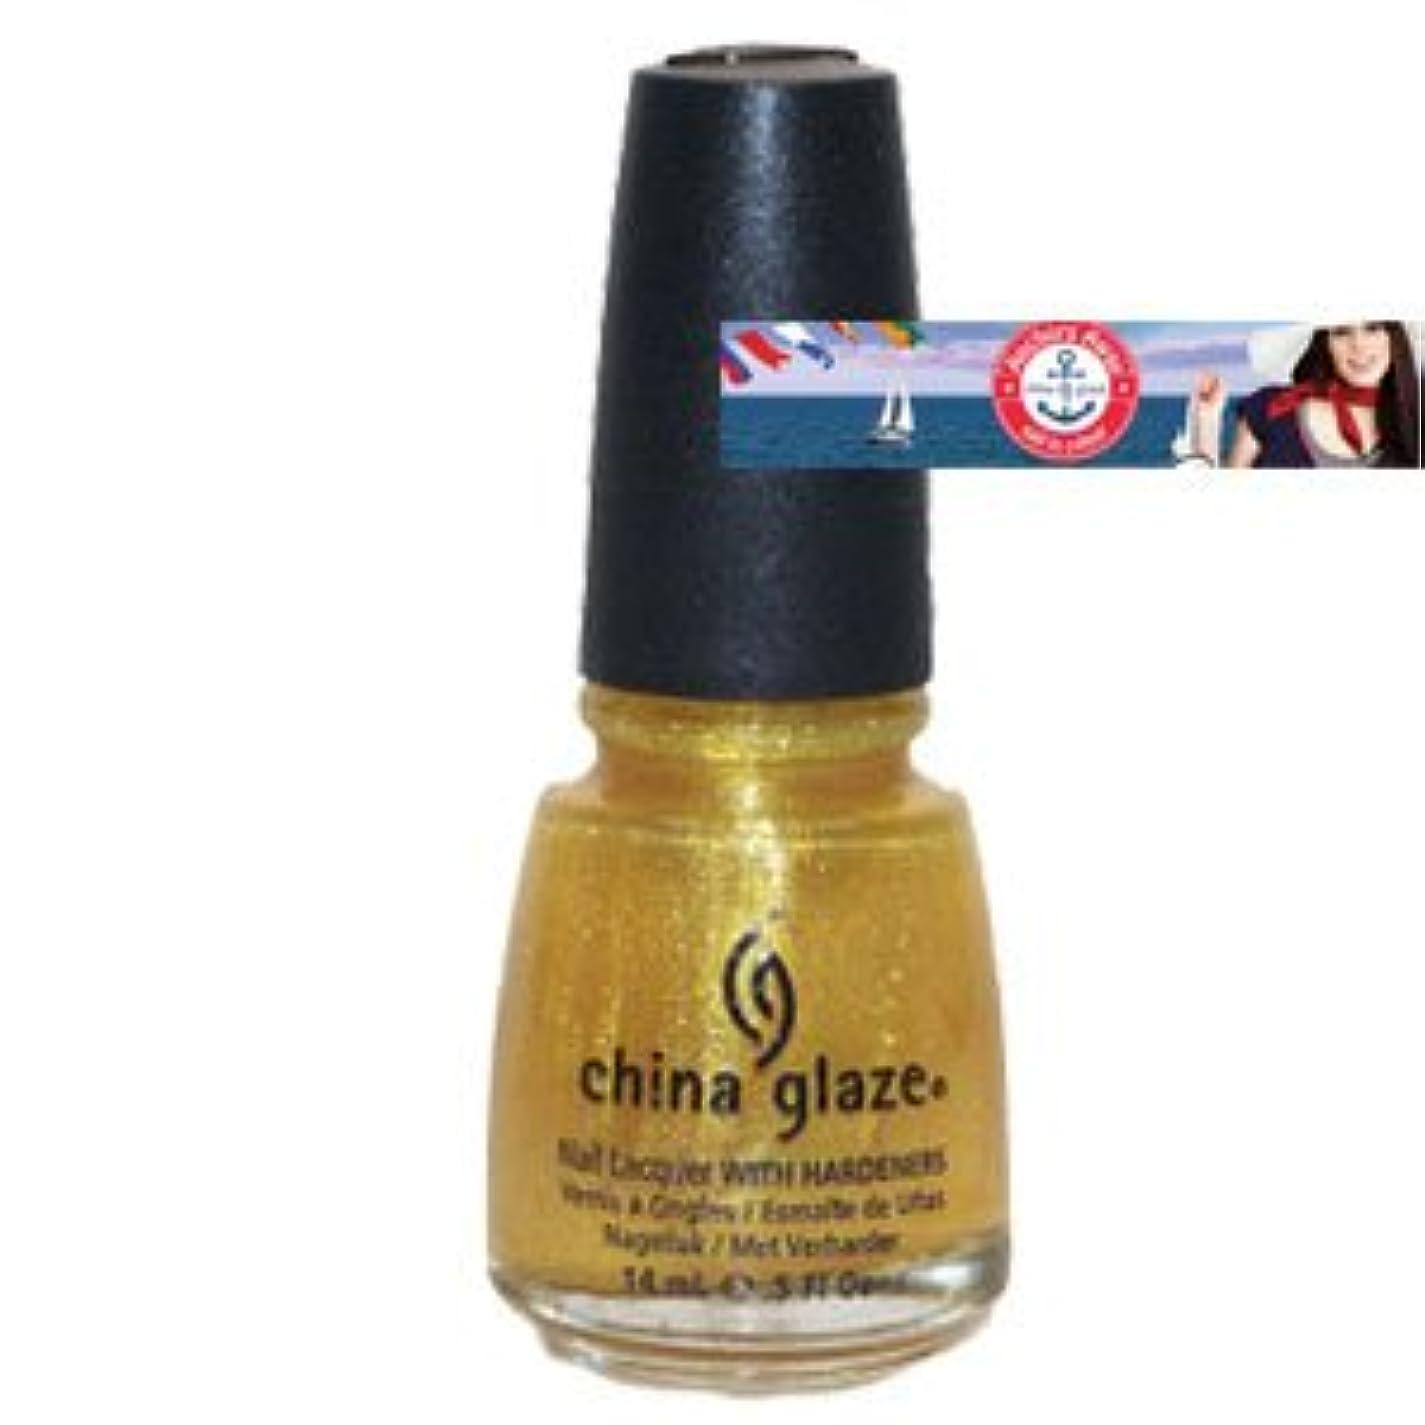 締める不調和家庭(チャイナグレイズ)China Glaze Anchors Away Collection・Lighthouse [海外直送品][並行輸入品]